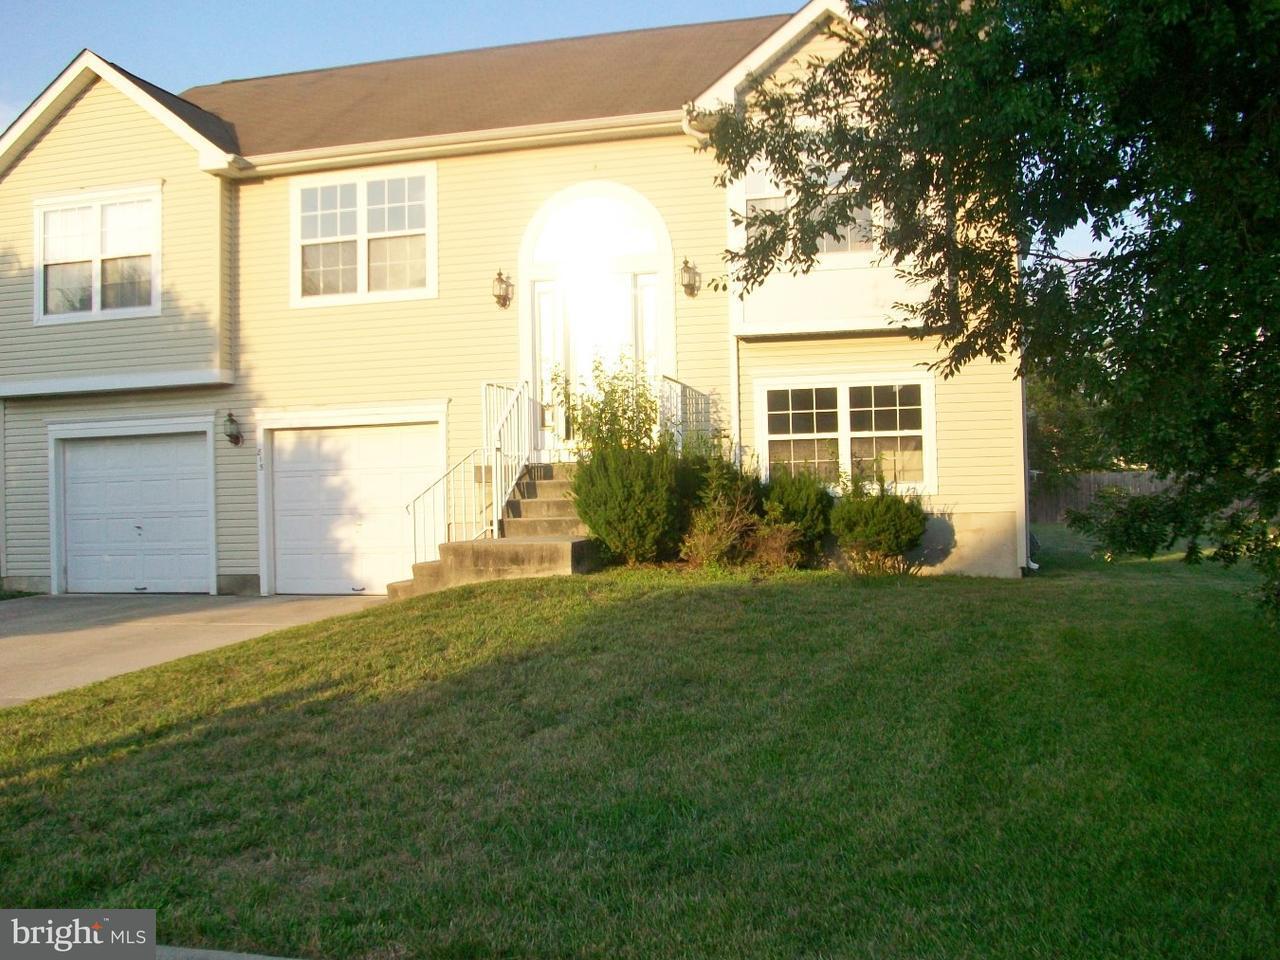 独户住宅 为 销售 在 815 DAWN Lane Williamstown, 新泽西州 08094 美国在/周边: Monroe Township